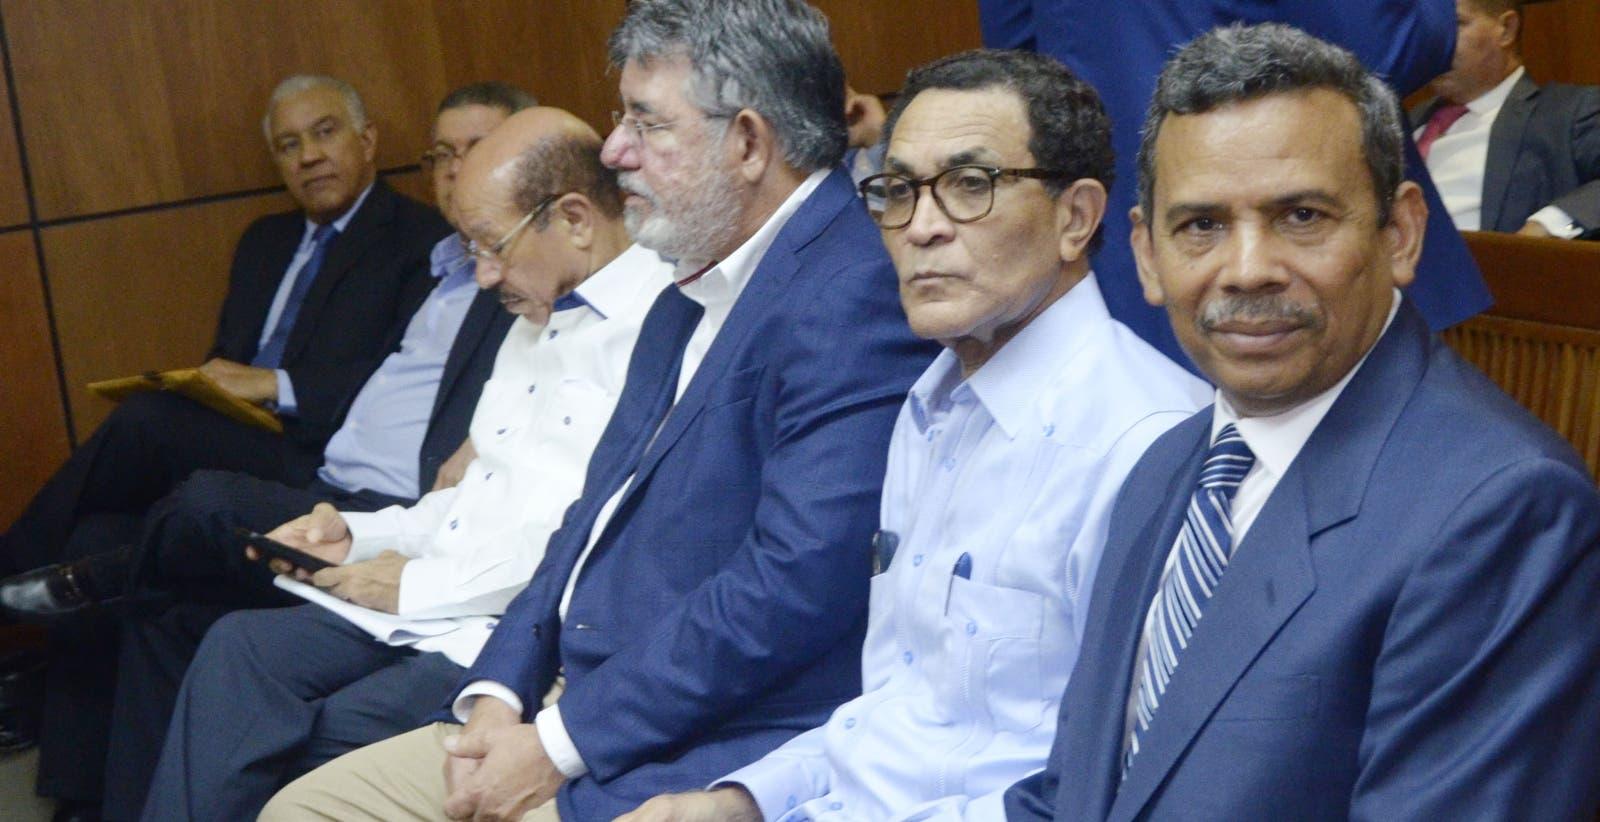 Juez Ortega impone coerción a implicados en el caso Odebrecht